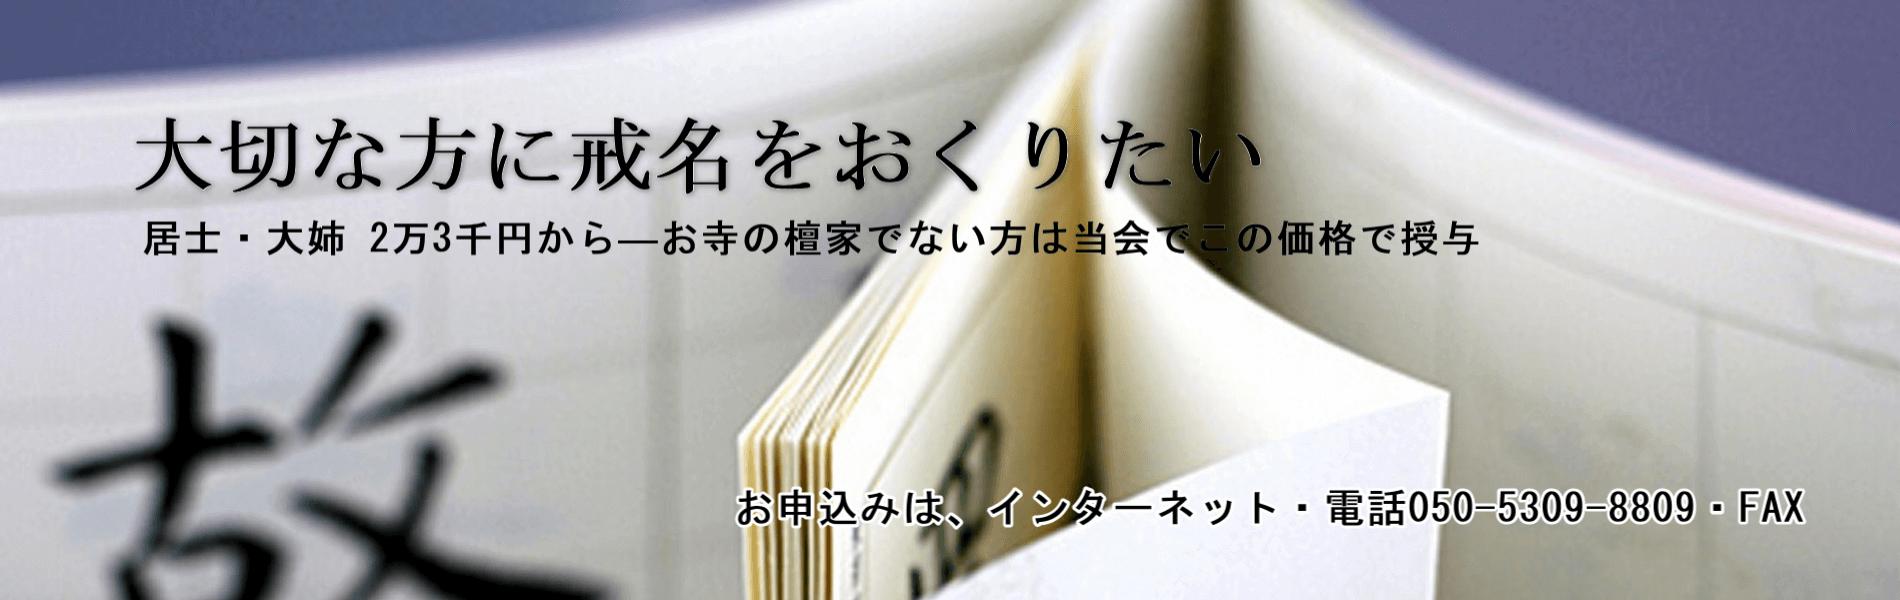 各宗派の戒名を授与―NKS日本生前戒名推進会